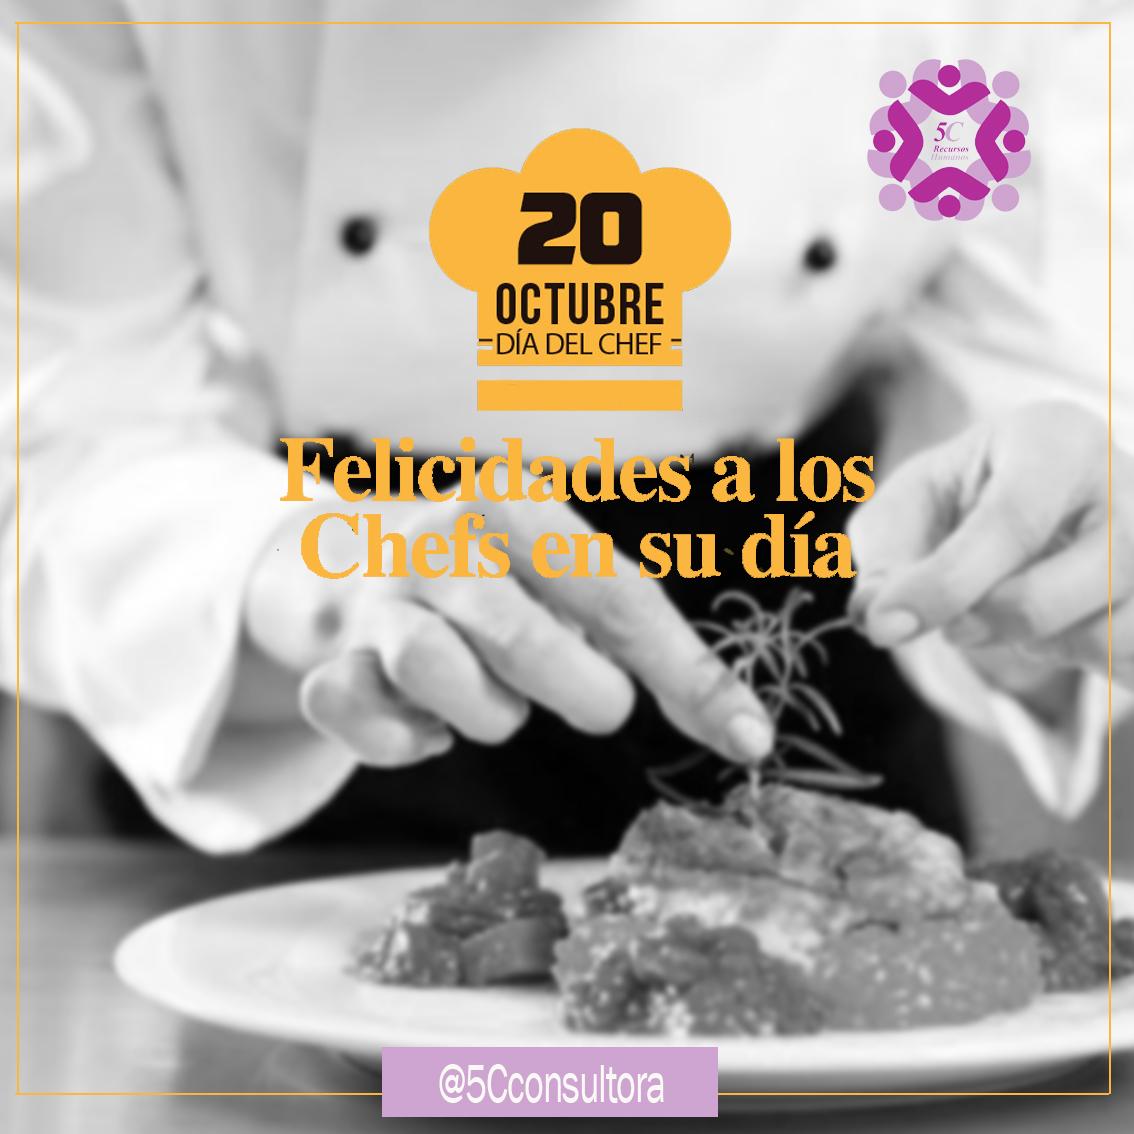 """¡Felíz Día Internacional del Chef! """"Una de las cosas que más aprendí de esta profesión, es que si no cocinas con #amor de nada sirve la técnica"""" Felicidades a todos los que comprendieron que el cocinar es una obra de arte, y las obras son demostraciones de amor #5C #DiadelChef https://t.co/phN2kNM6VN"""